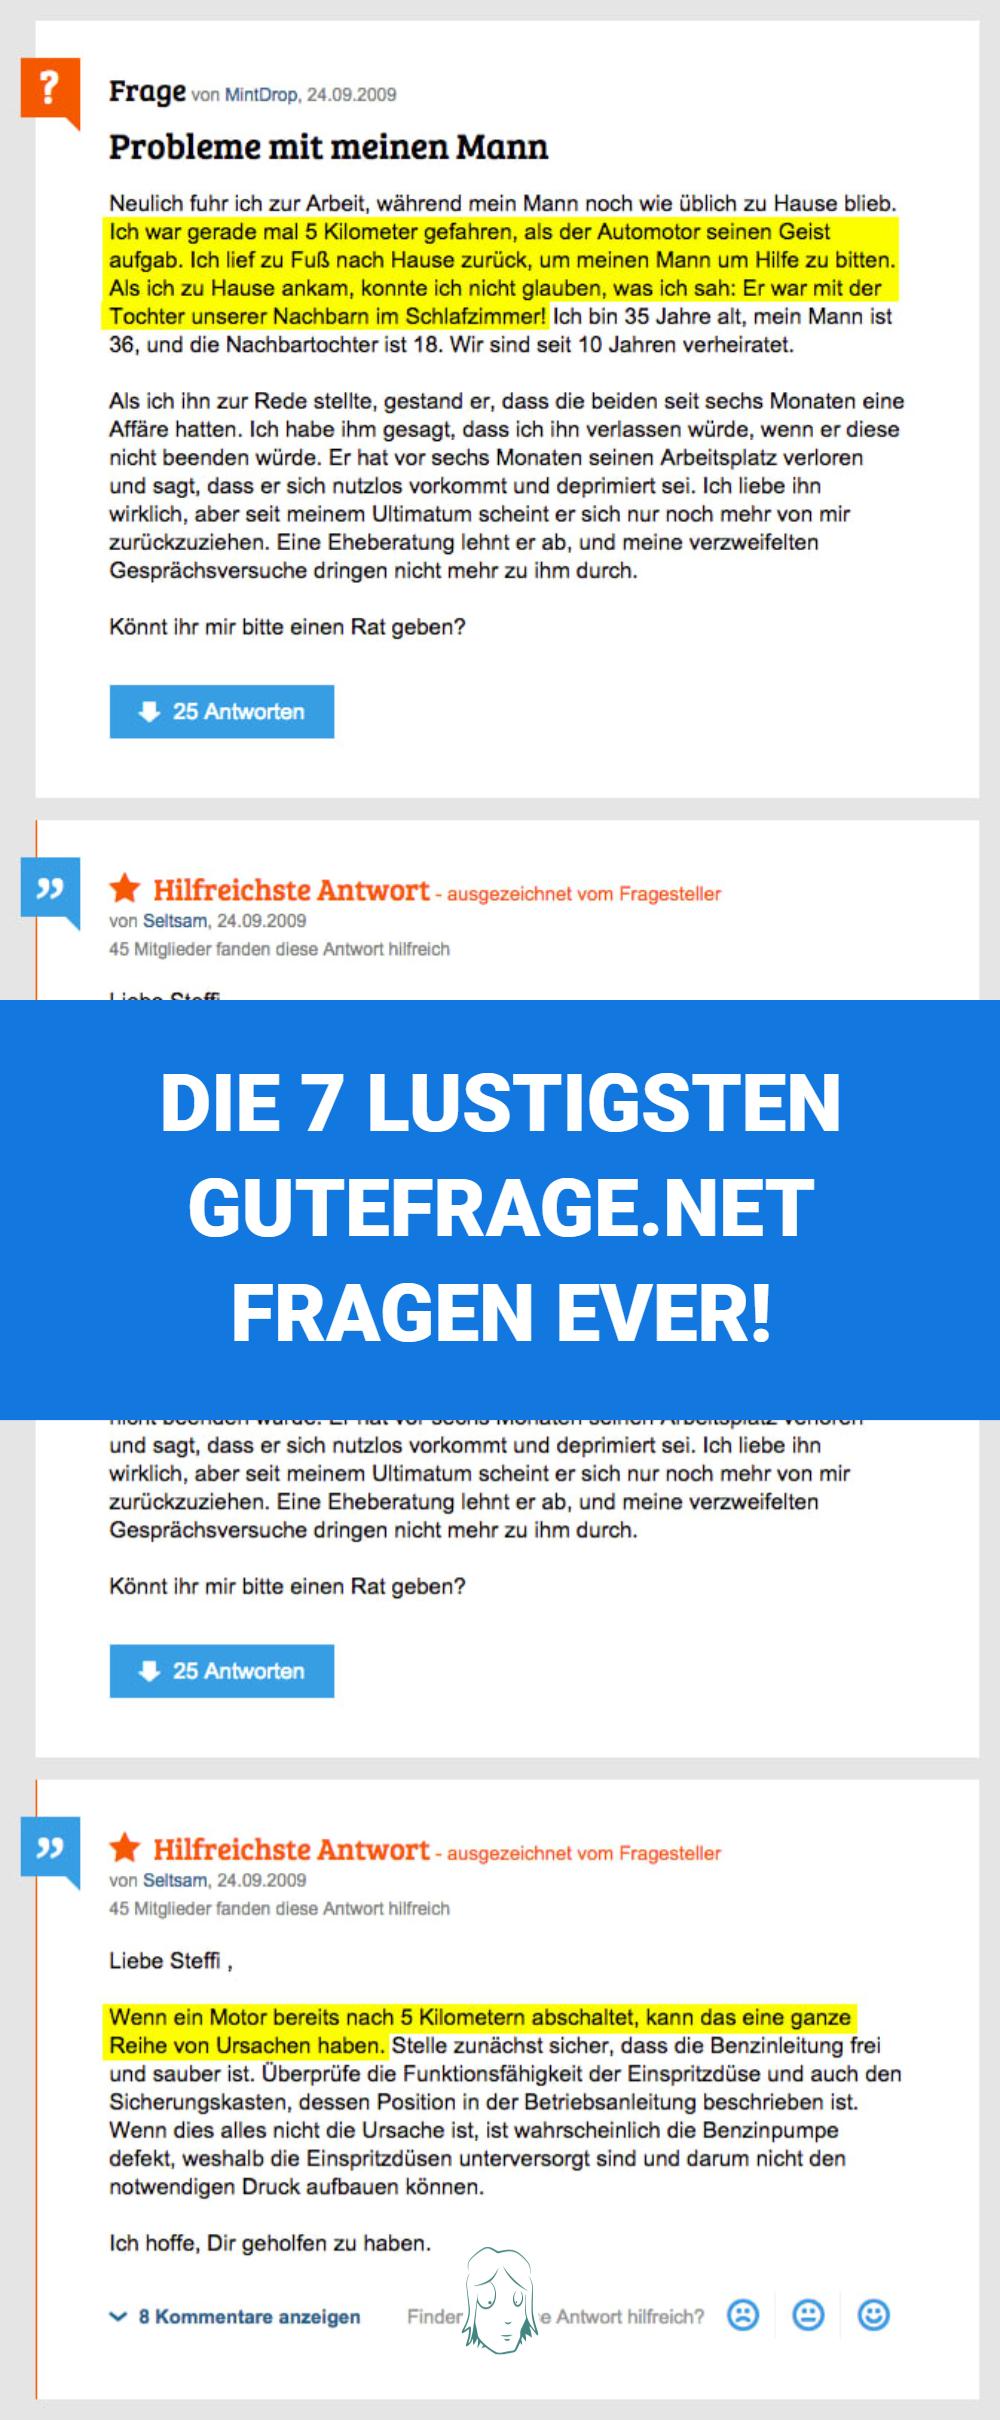 Gutefrage.net: Die lustigsten Fragen und Antworten